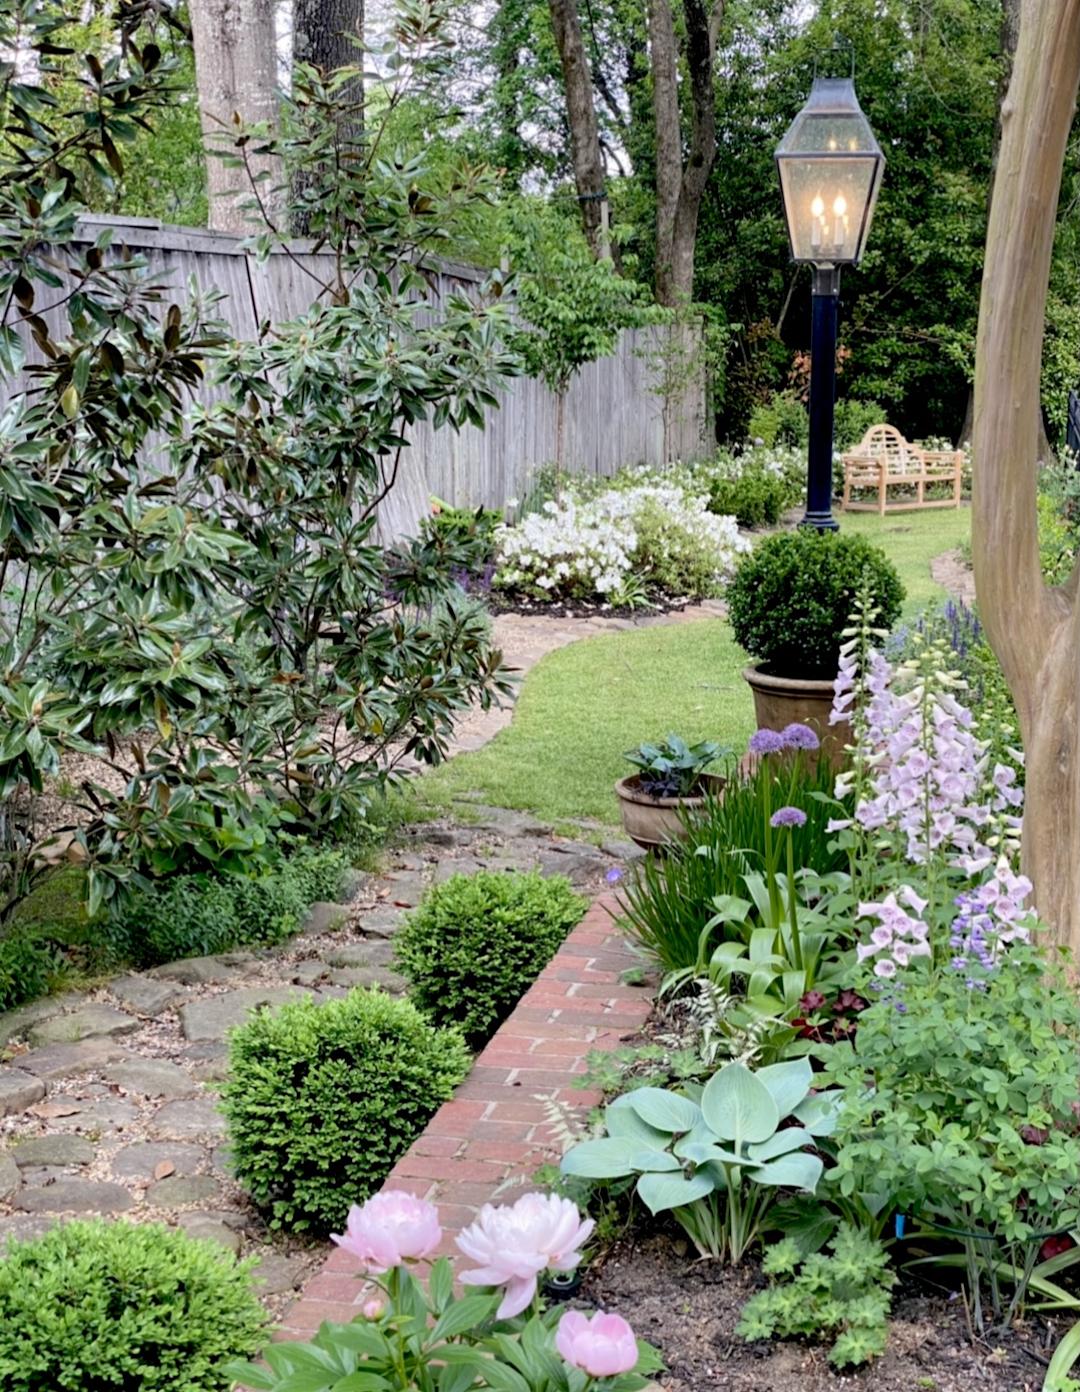 light post in a garden